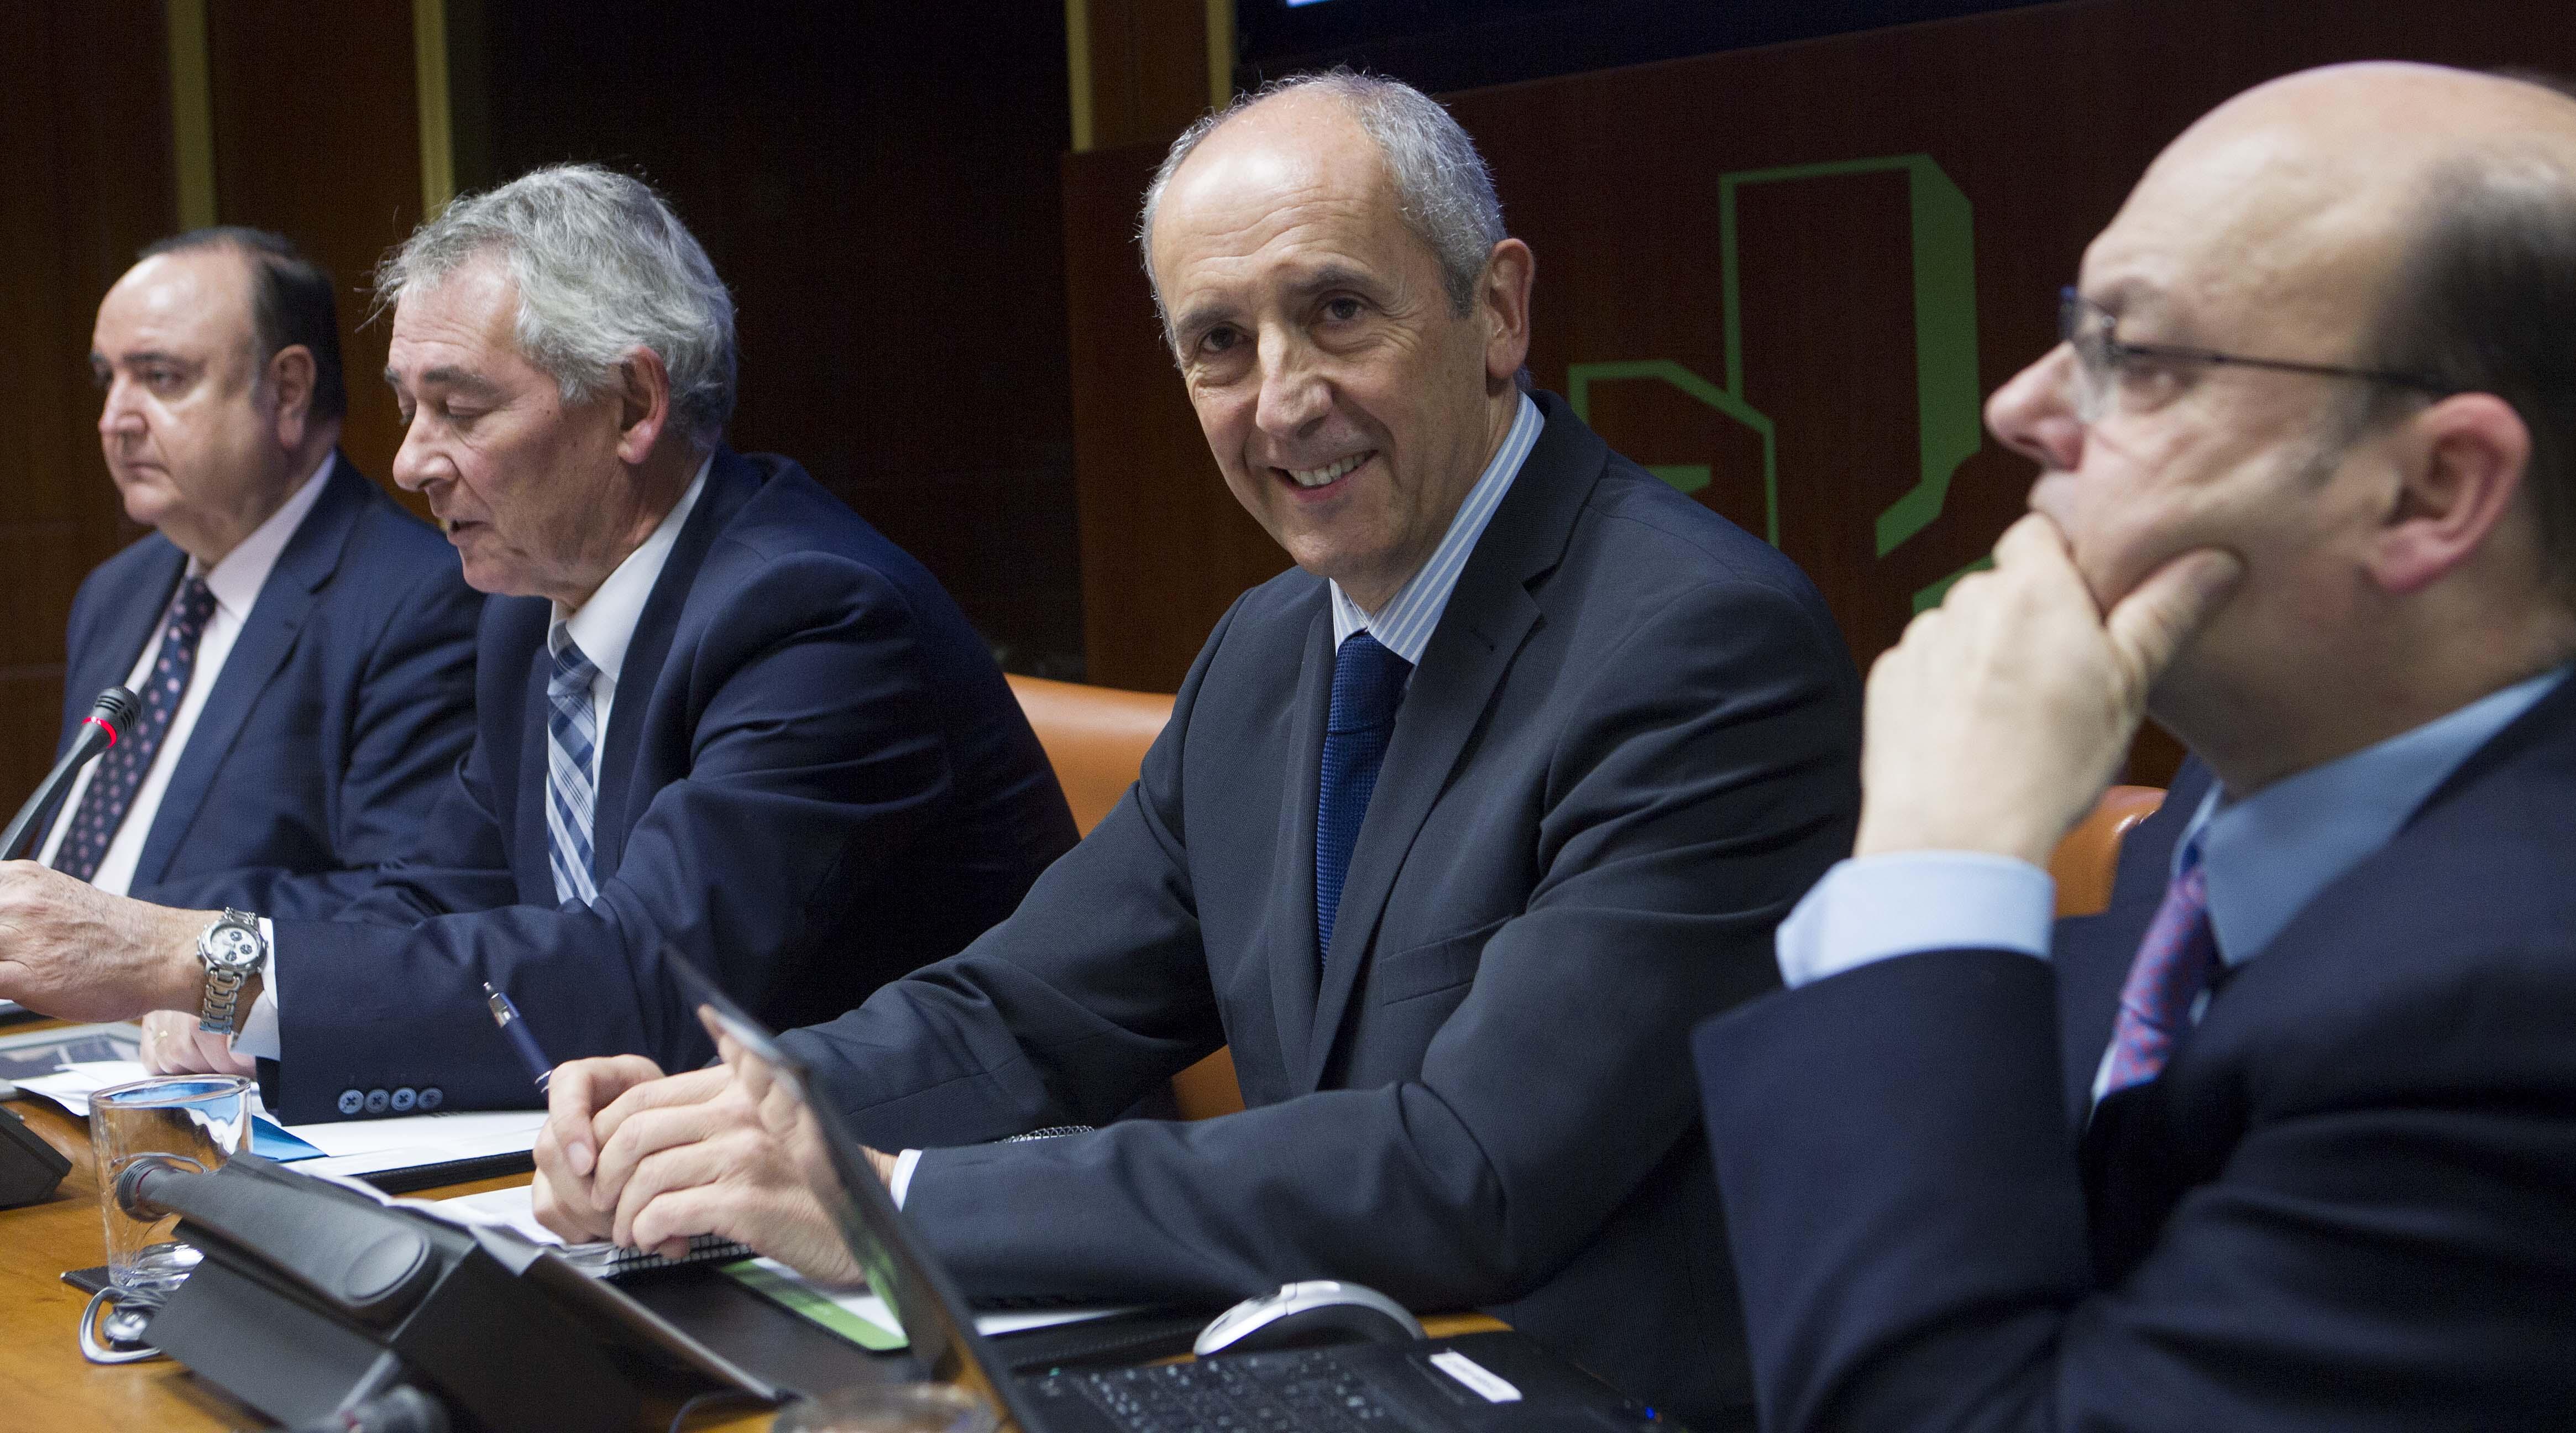 presupuestos_gobernanza_01.jpg